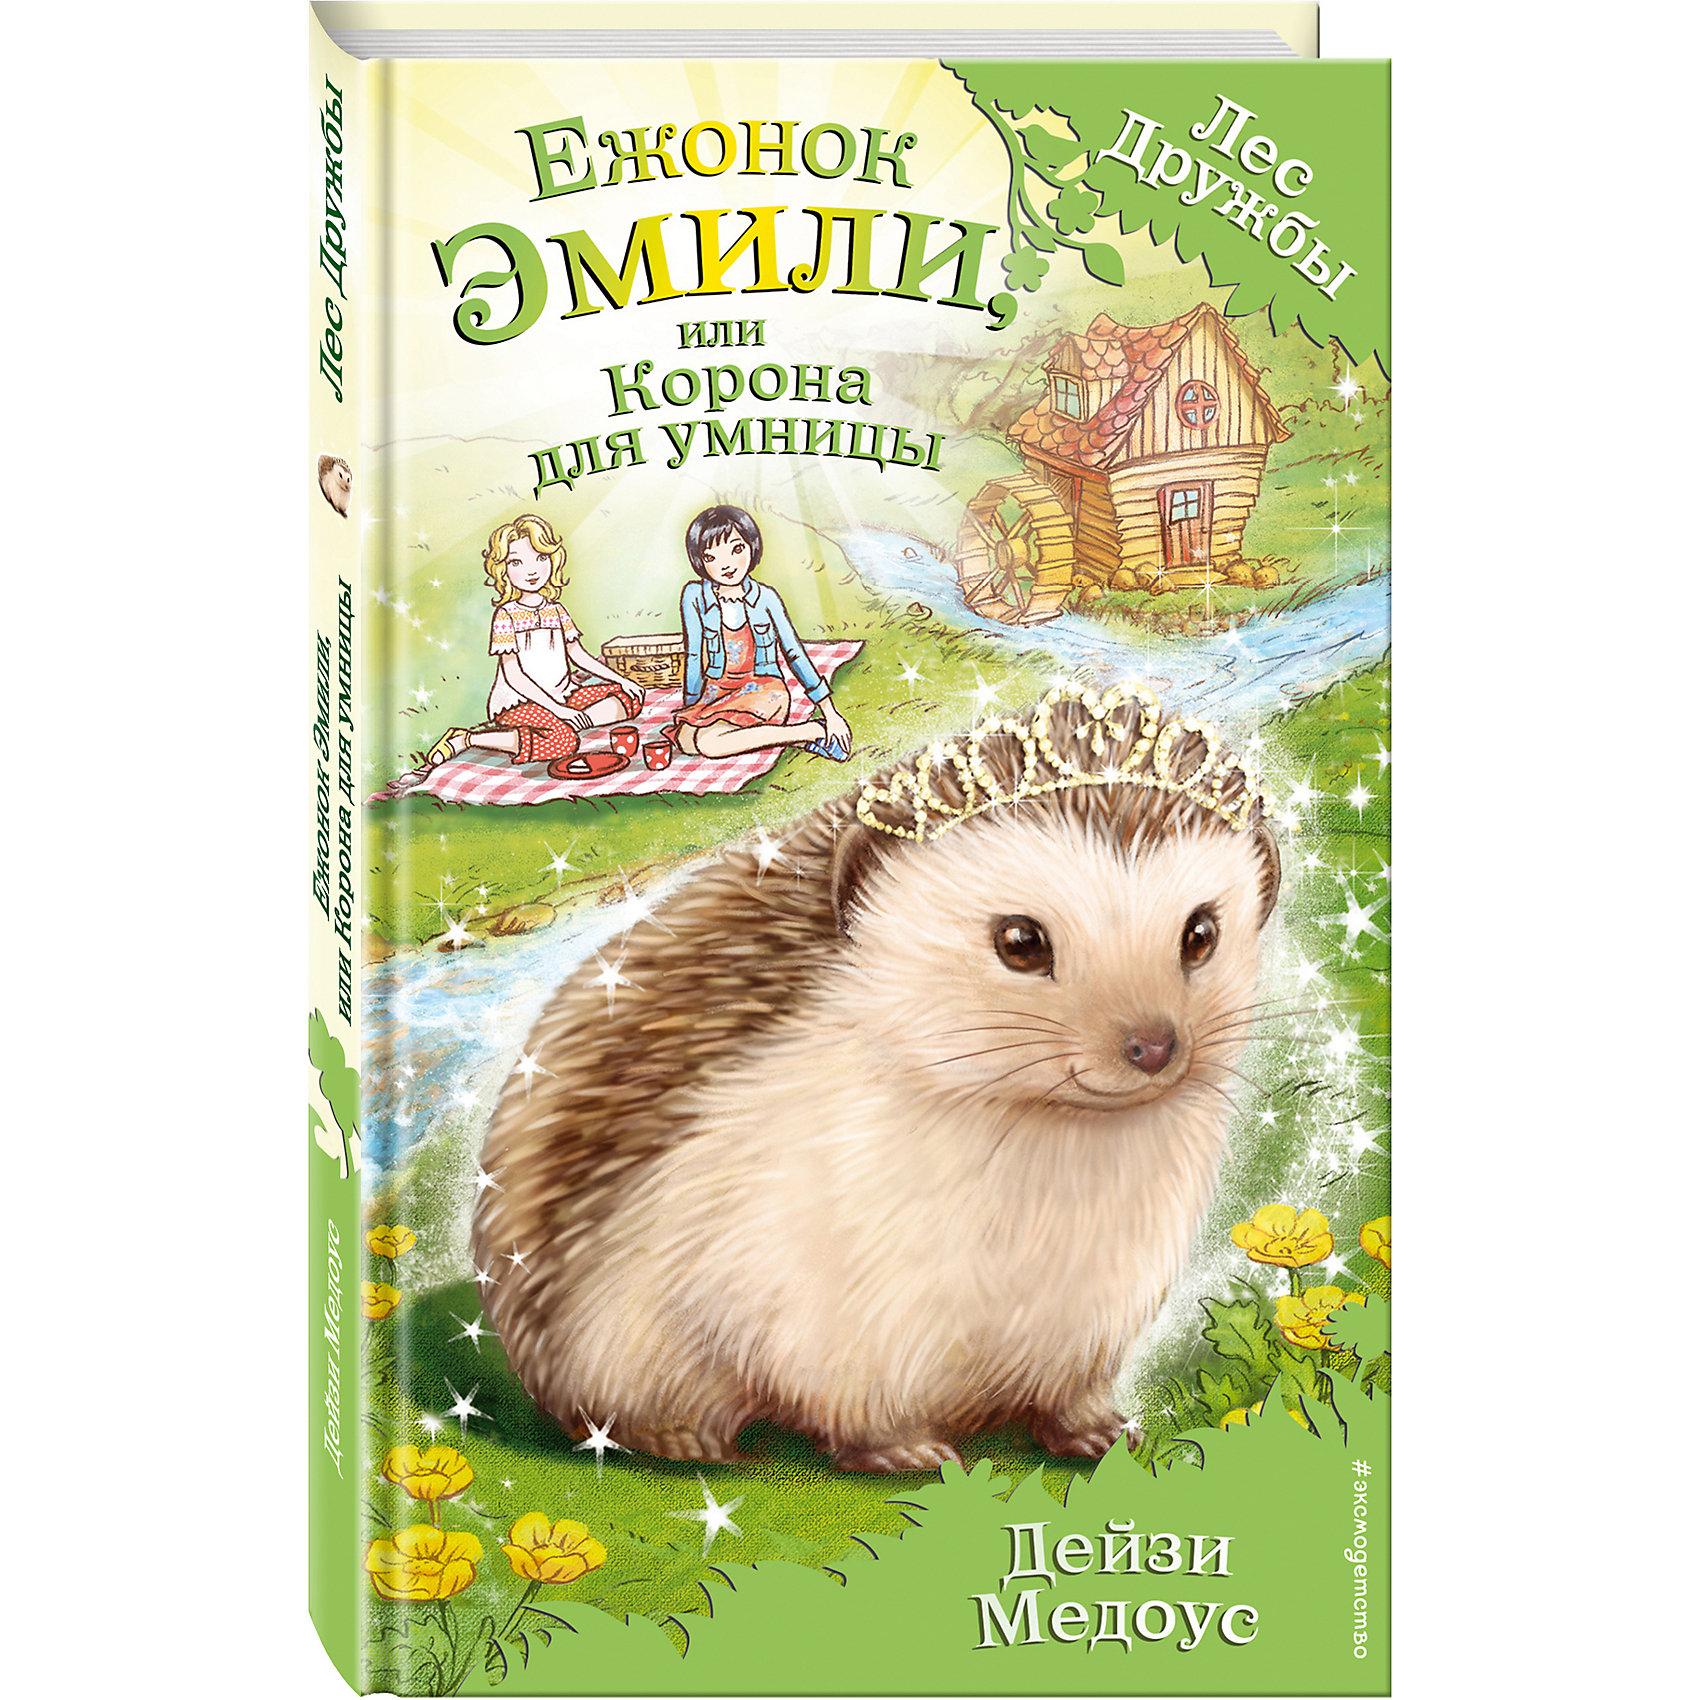 Ежонок Эмили, или Корона для умницыЗарубежные сказки<br>Дейзи Медоус - автор более ста книг для детей, среди которых серия Rainbow Magic - всемирный бестселлер о приключениях фей. Представляем вашему вниманию ее новый проект!<br>Лили и Джесс - лучшие подруги, они обожают животных и даже помогают в ветклинике. Однажды девочки знакомятся с необычной кошкой Голди, которая привела их в волшебное место – Лес Дружбы, где все животные умеют разговаривать. С этого дня приключения следуют одно за другим!<br>Ежонок Эмили признана самой умной из маленьких жителей Леса Дружбы. Но с заклятием дракона Пылинки даже она не может справиться. Лили и Джесс приходят ей на помощь – и теперь им втроем предстоит придумать, как спасти реку!<br><br>Ширина мм: 200<br>Глубина мм: 125<br>Высота мм: 10<br>Вес г: 220<br>Возраст от месяцев: 36<br>Возраст до месяцев: 2147483647<br>Пол: Унисекс<br>Возраст: Детский<br>SKU: 5535431